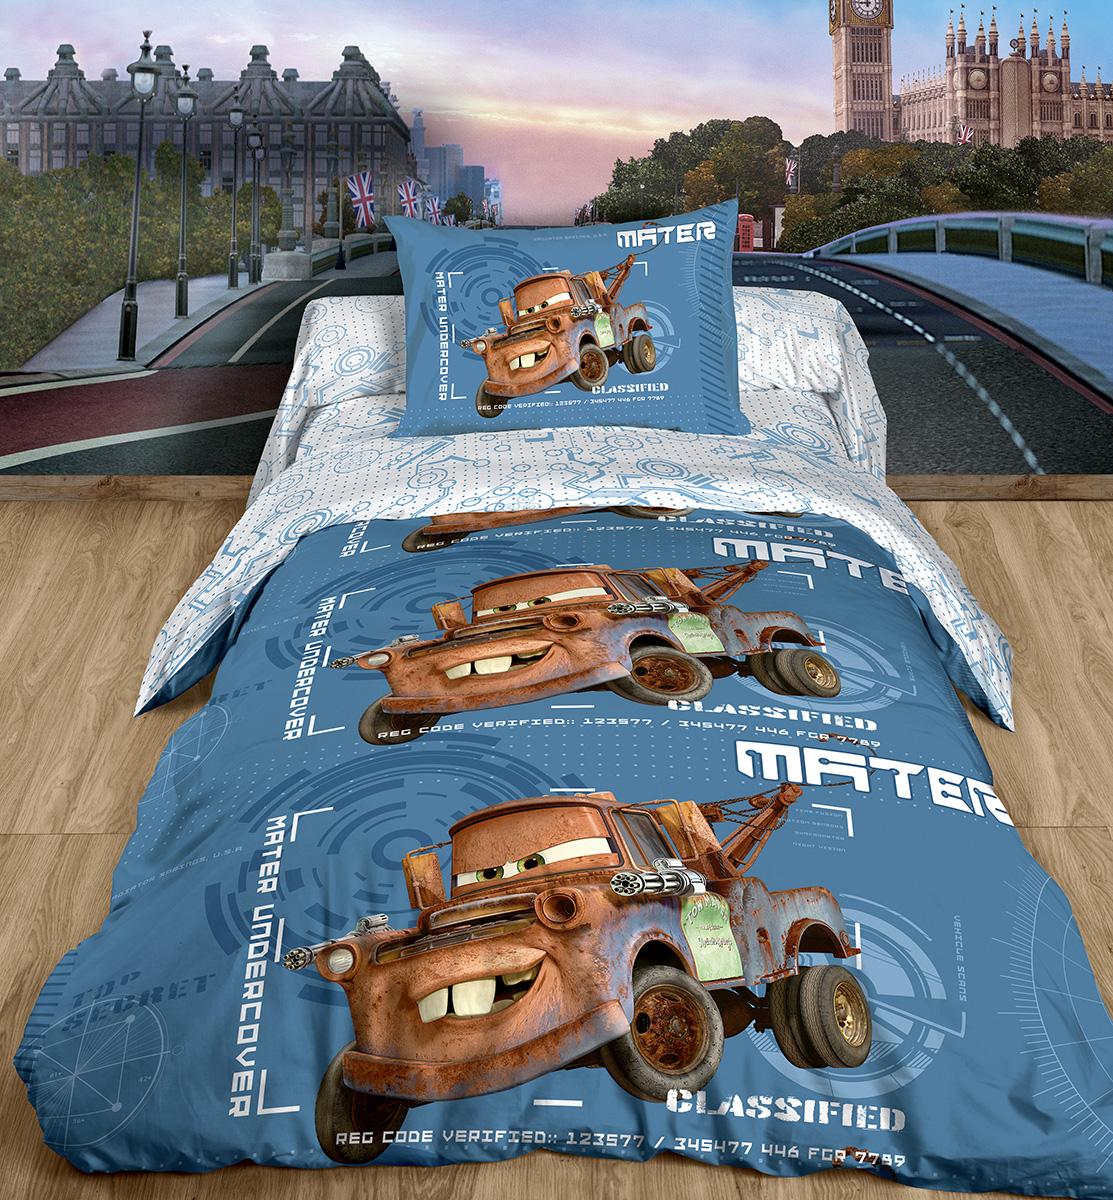 Постельное белье детское Мэтр (1,5 спальный КПБ, ранфорс, наволочка 50х70)168828Комплект постельного белья Мэтр, выполненный из ранфорса, непременно обрадует вашего малыша. Комплект состоит из пододеяльника, простыни и одной наволочки. Предметы комплекта оформлены изображением Мэтра - персонажа из мультфильма Тачки. Ранфорс - это удивительная ткань из 100% натурального хлопка. Плотность плетения и мягкость существенно превосходит лен и бязь.Мэтр - забавный эвакуатор и один из главных героев Тачек. Он надежный и преданный товарищ, бесстрашный спасатель, а еще - неутомимый выдумщик и невероятный фантазер. О таком друге мечтают все мальчишки! А недавно Мэтр поселился на постельном белье. Дети в восторге - ведь теперь любимый герой всегда будет рядом! Характеристики: Страна: Россия. Материал: ранфорс (100% хлопок). В комплект входят: Пододеяльник - 1 шт. Размер: 148 см х 210 см. Простыня - 1 шт. Размер: 148 см х 215 см. Наволочка - 1 шт. Размер: 50 см х 70 см.